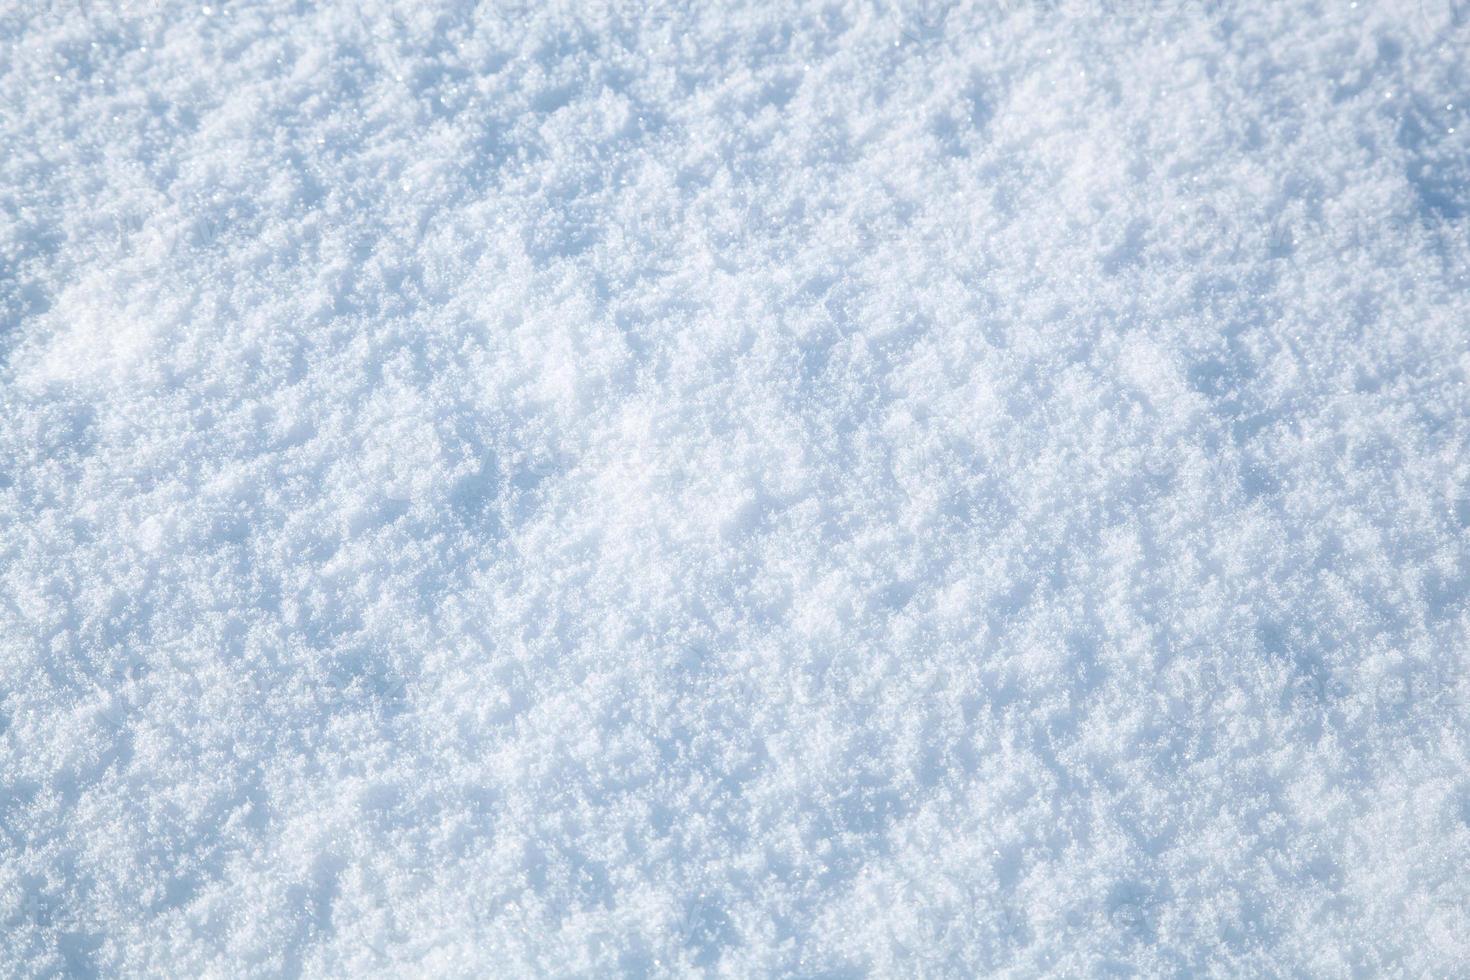 fond de neige hiver abstrait photo